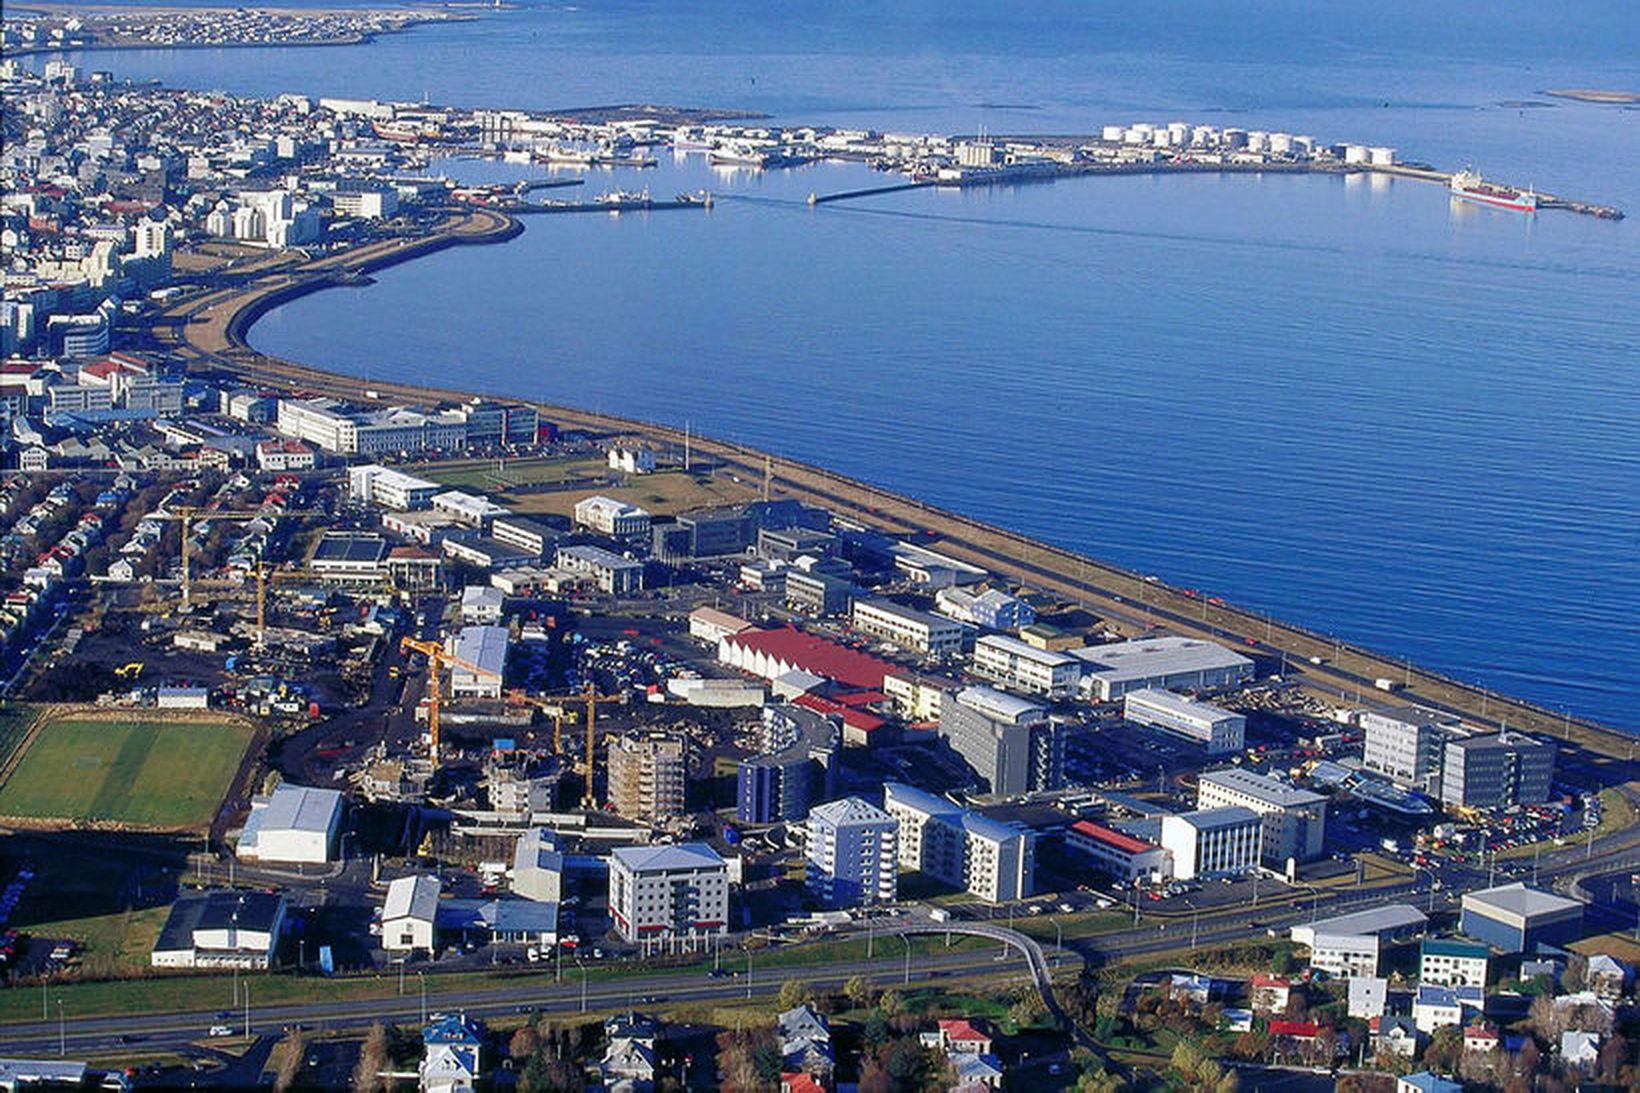 Á Sæbraut eru engar málaðar línur sem skilja akreinarnar að.